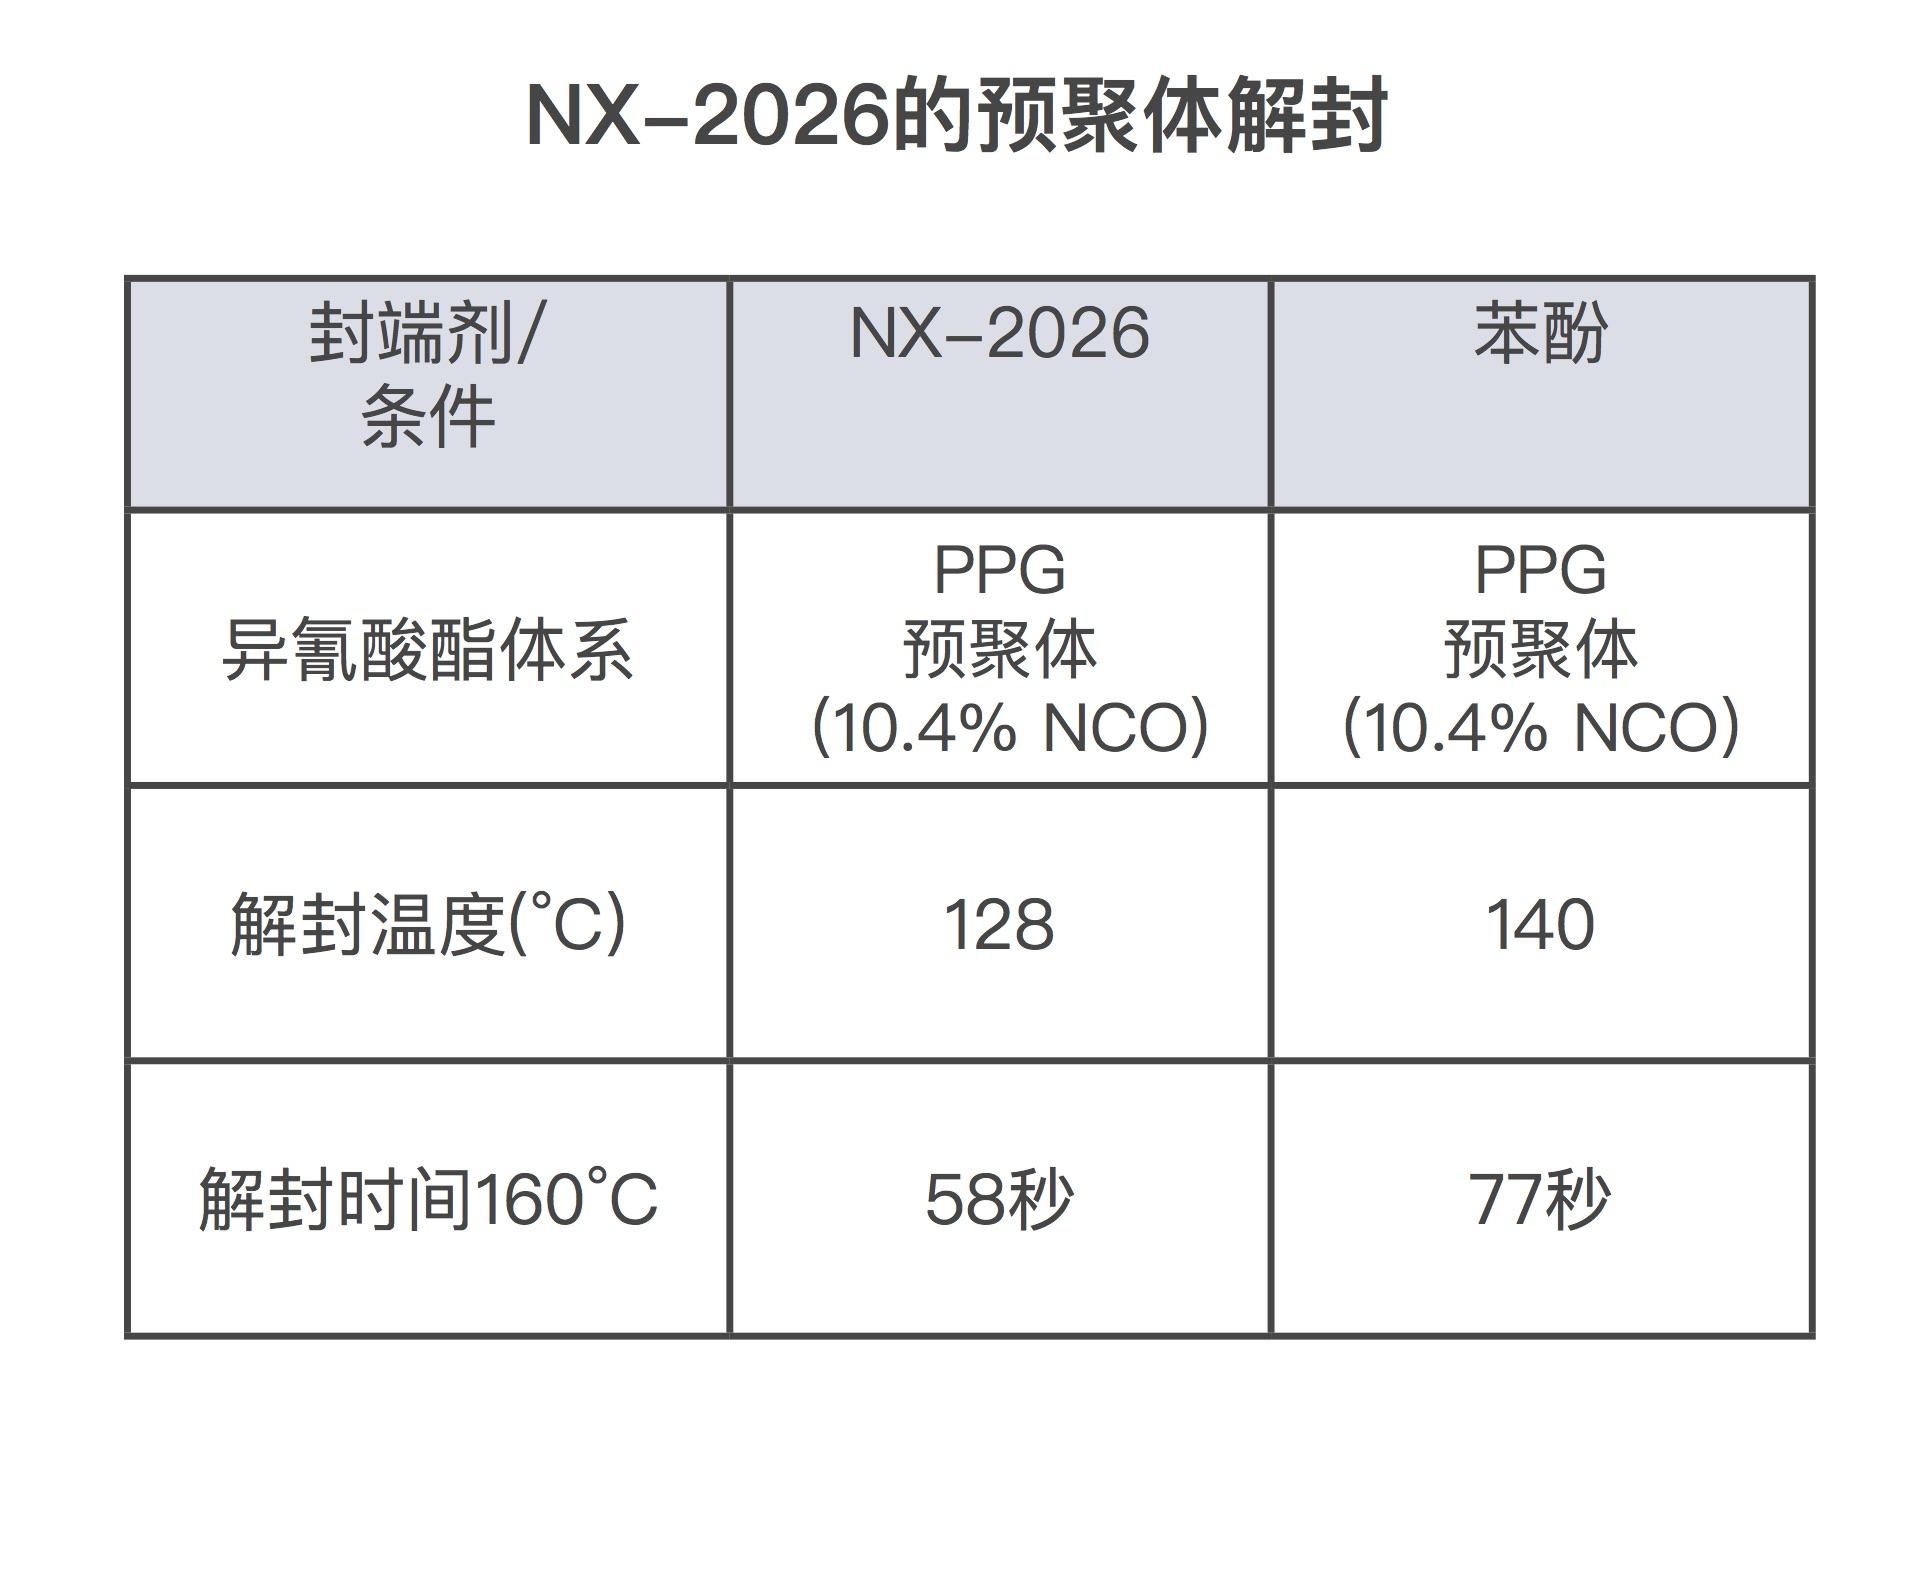 基于NX-2026的预聚体具有较低的解封温度